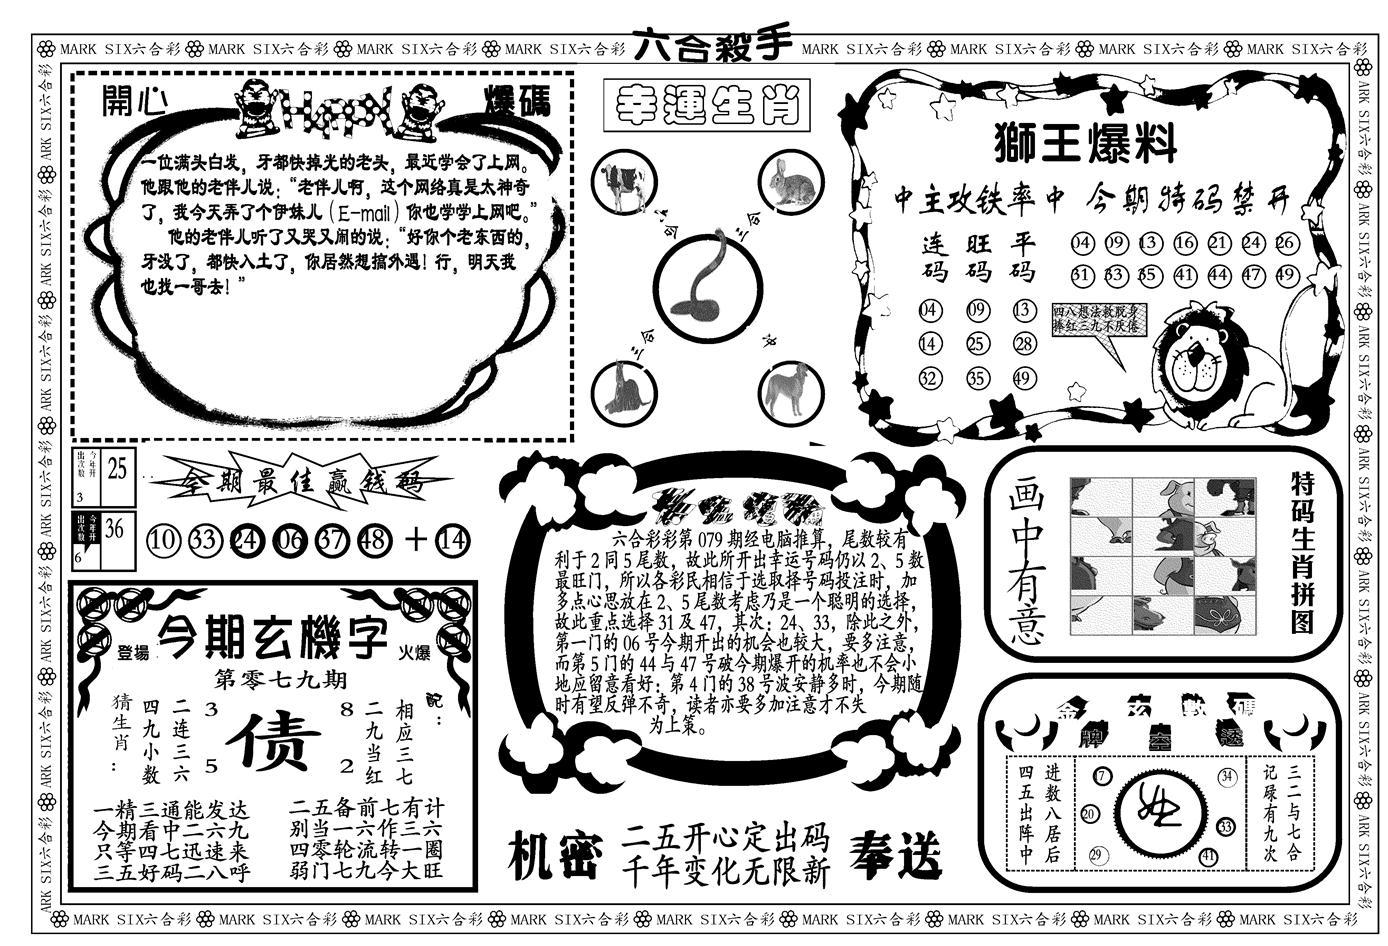 079期新六合杀手B(黑白)